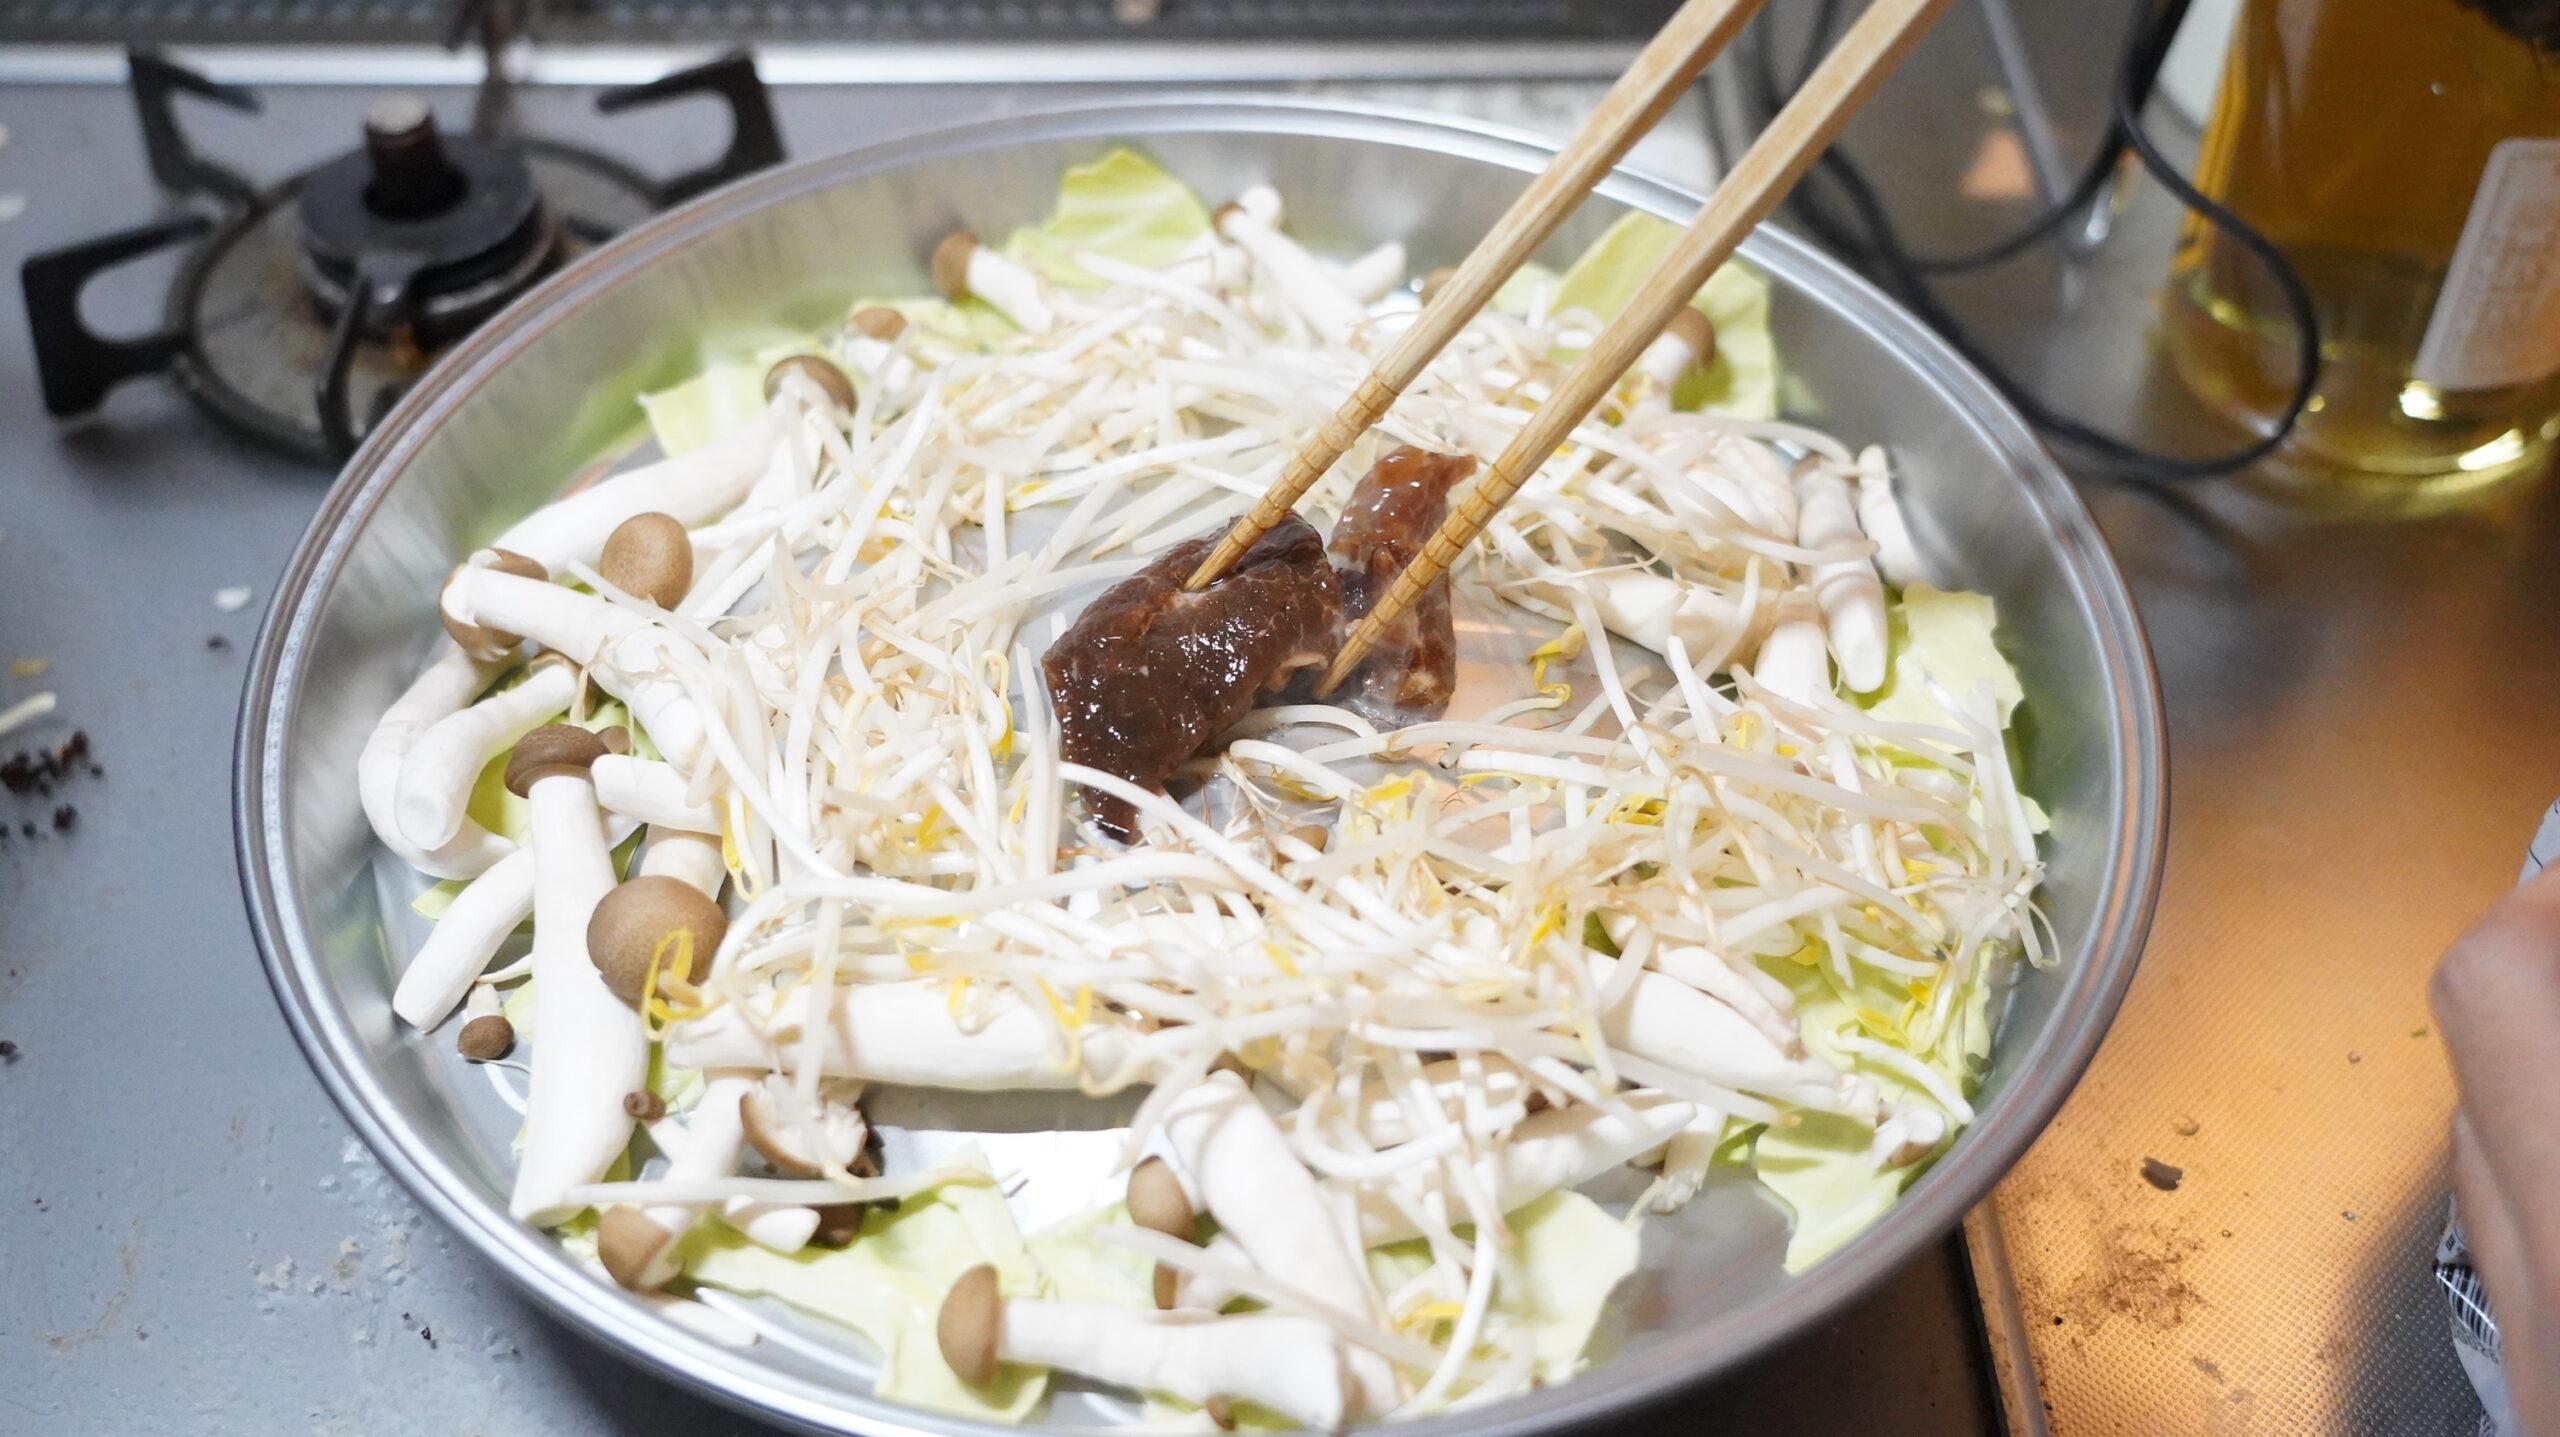 松尾ジンギスカンを通販でお取り寄せした冷凍マトン肉を専用の鍋で焼いている写真